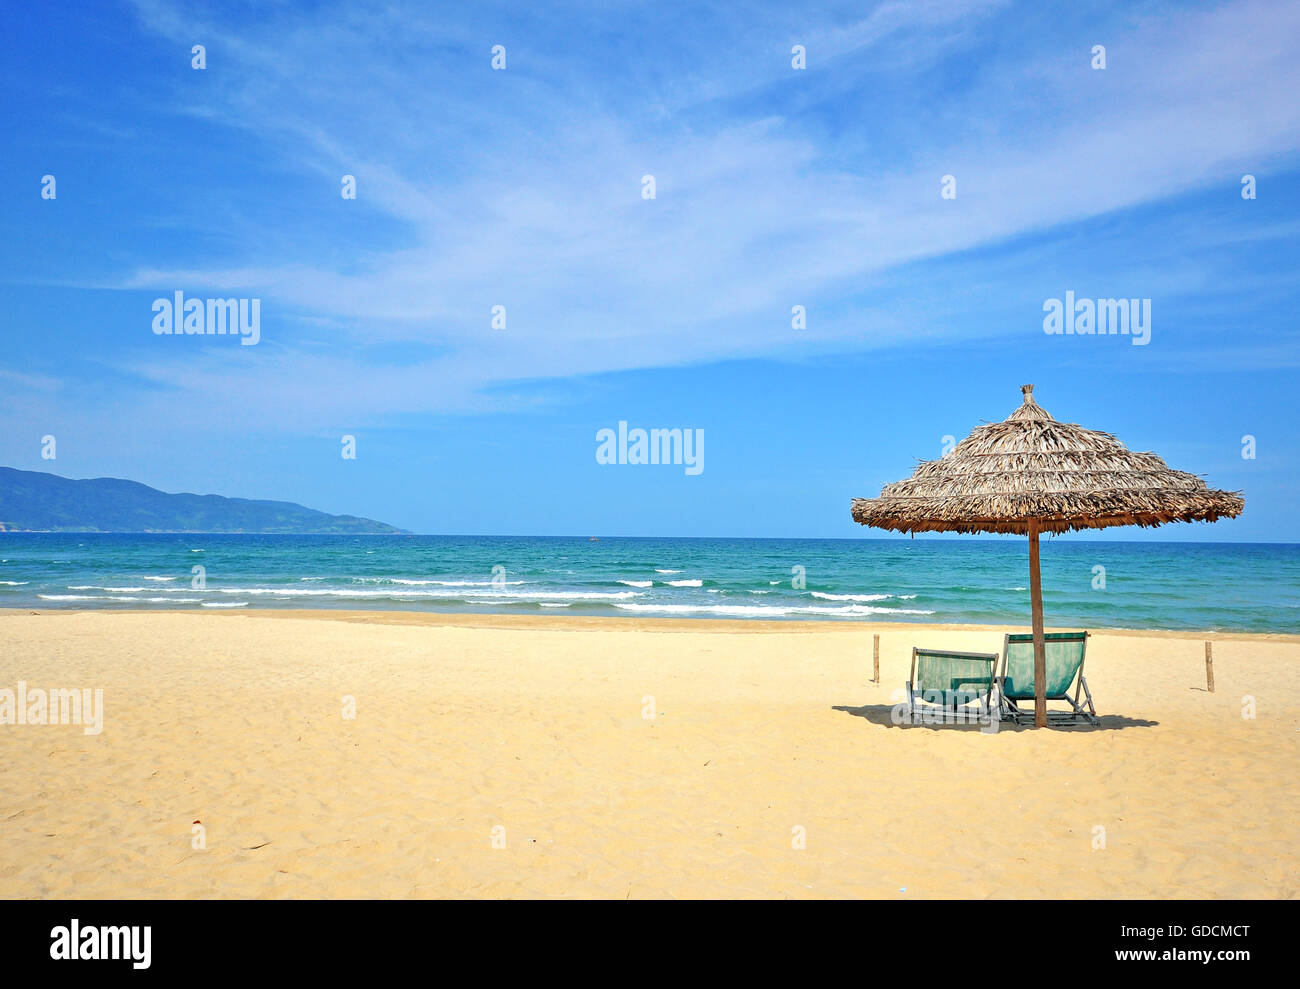 Beautiful beach on South China sea - Stock Image